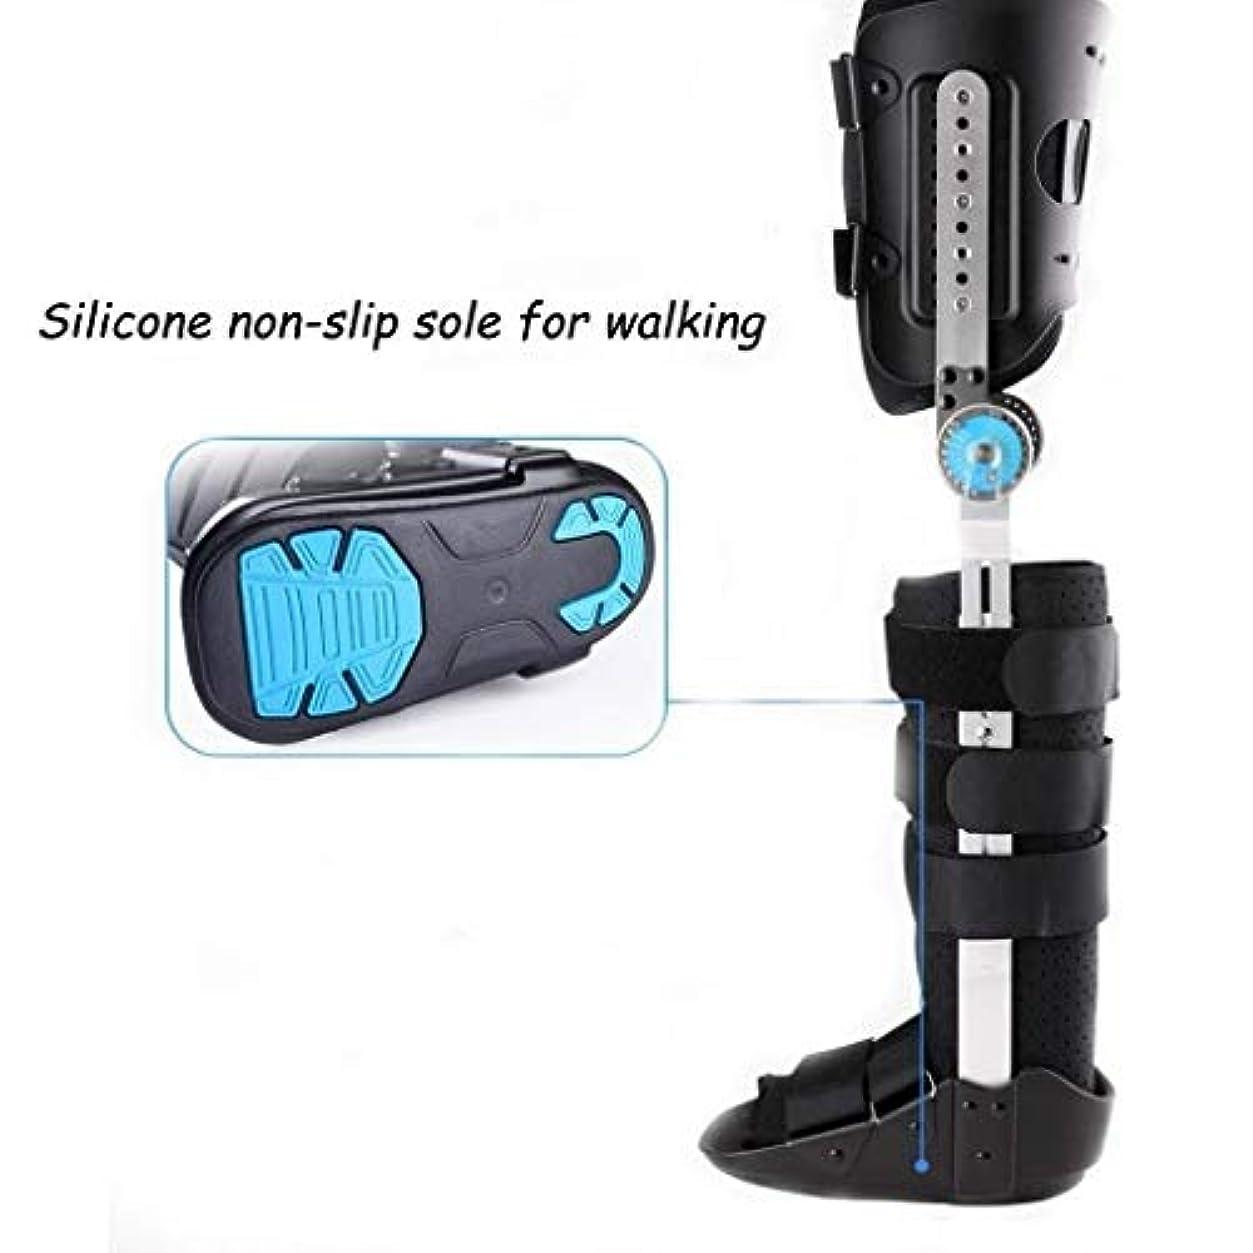 発火する阻害するカロリー膝ブレースヒンジ付きヒンジスタビライザー膝関節サポート装具靭帯ケア膝ブレースプロテクター関節炎、術後、メニスカスティア、ACL、MCL、PCL (Color : As Picture, Size : Right-M)